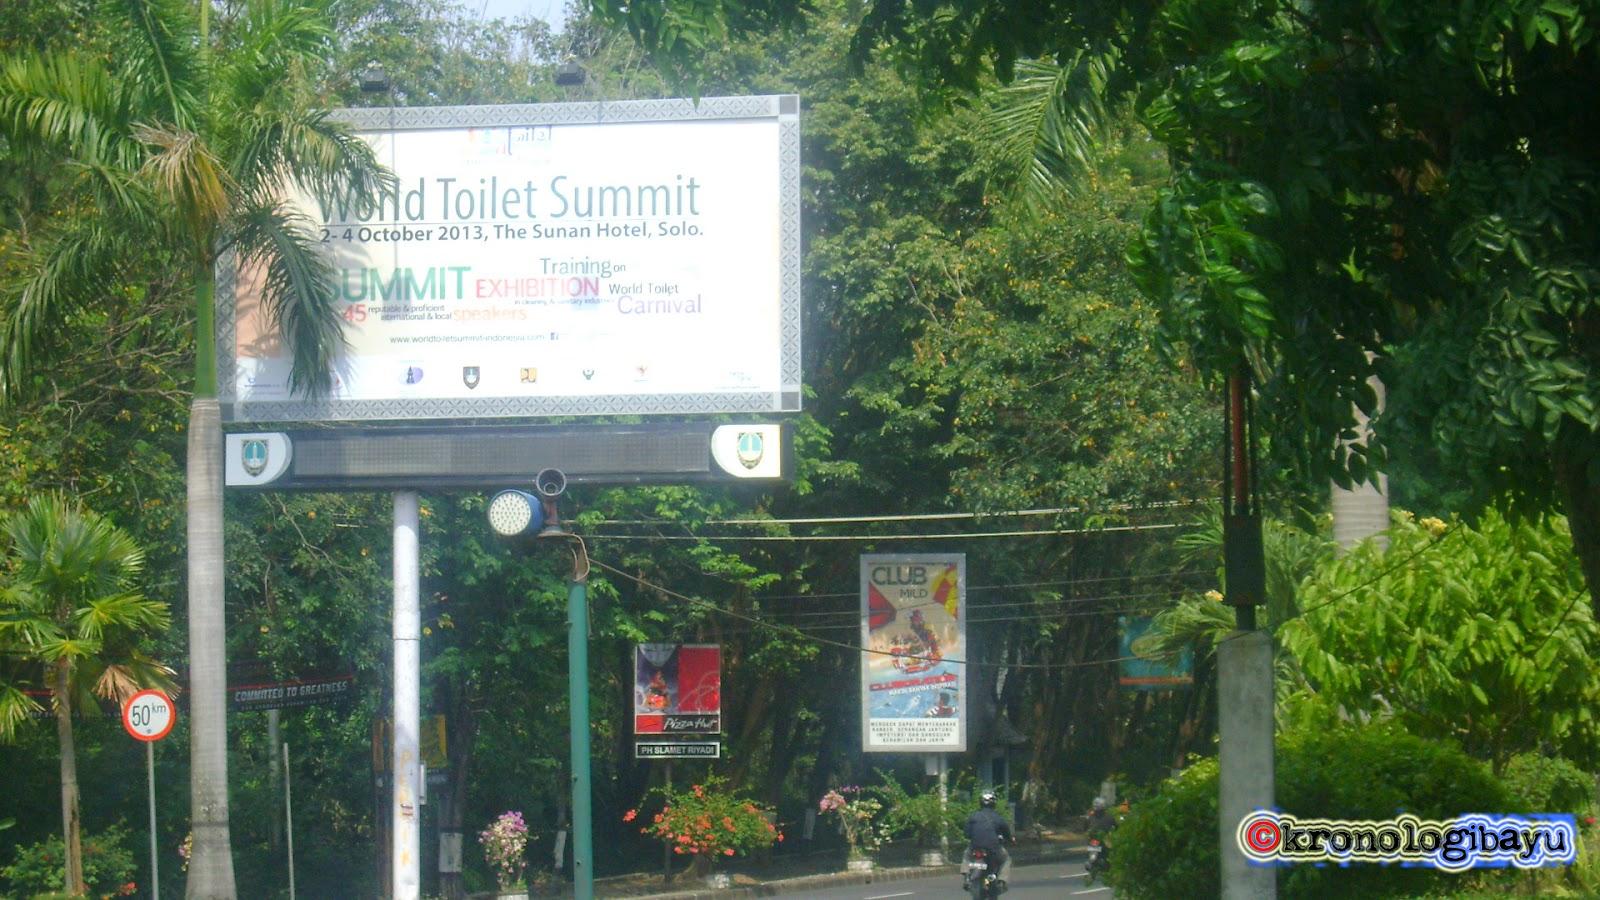 cerita unik tapi nyata, pertemuan toilet tingkat dunia, world toilet summit di surakarta